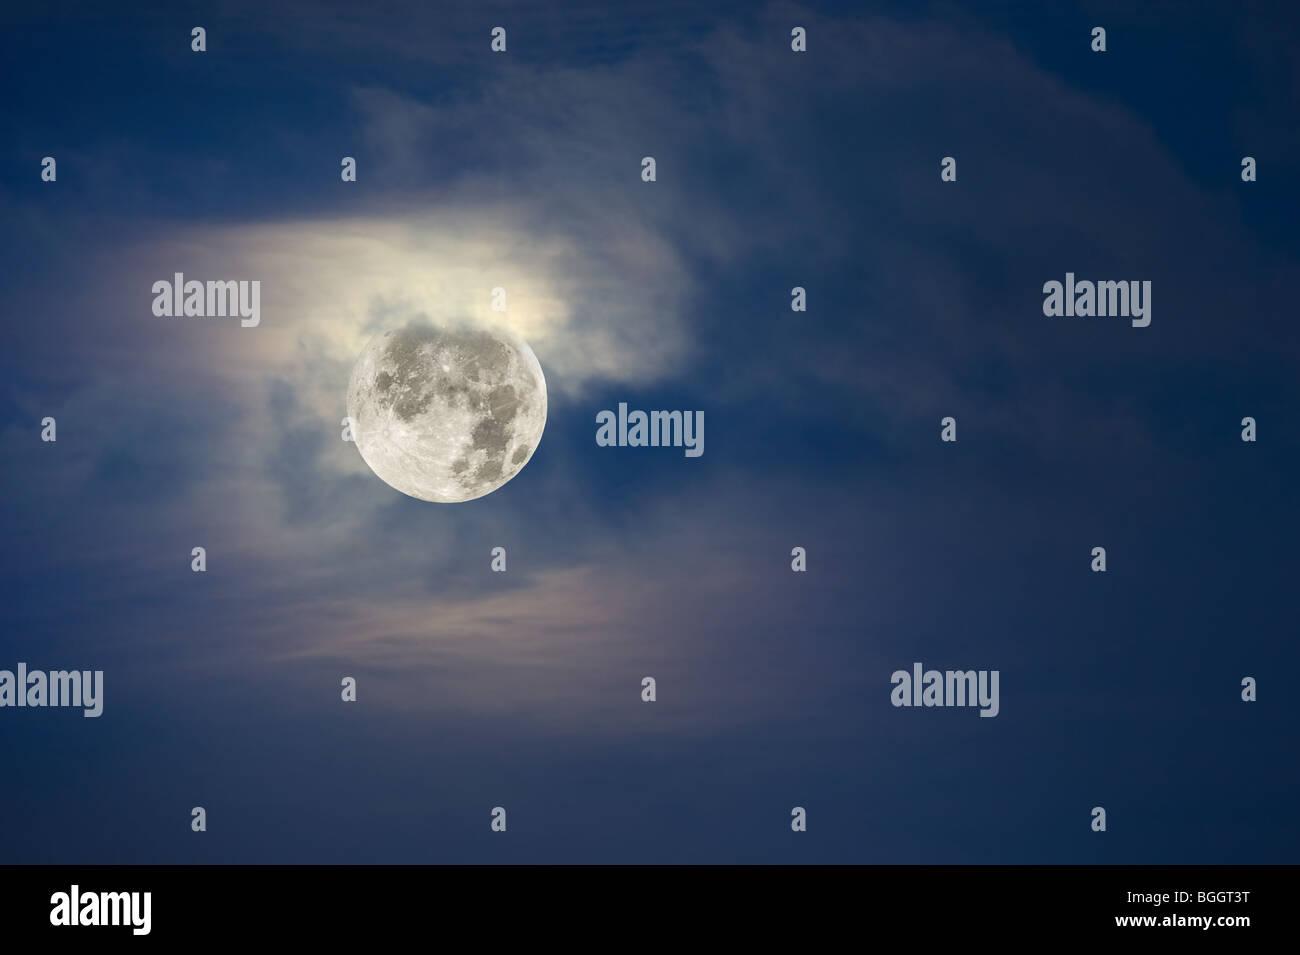 Une pleine lune lumineuse s'allume le temps nuageux, ciel. Photo Stock